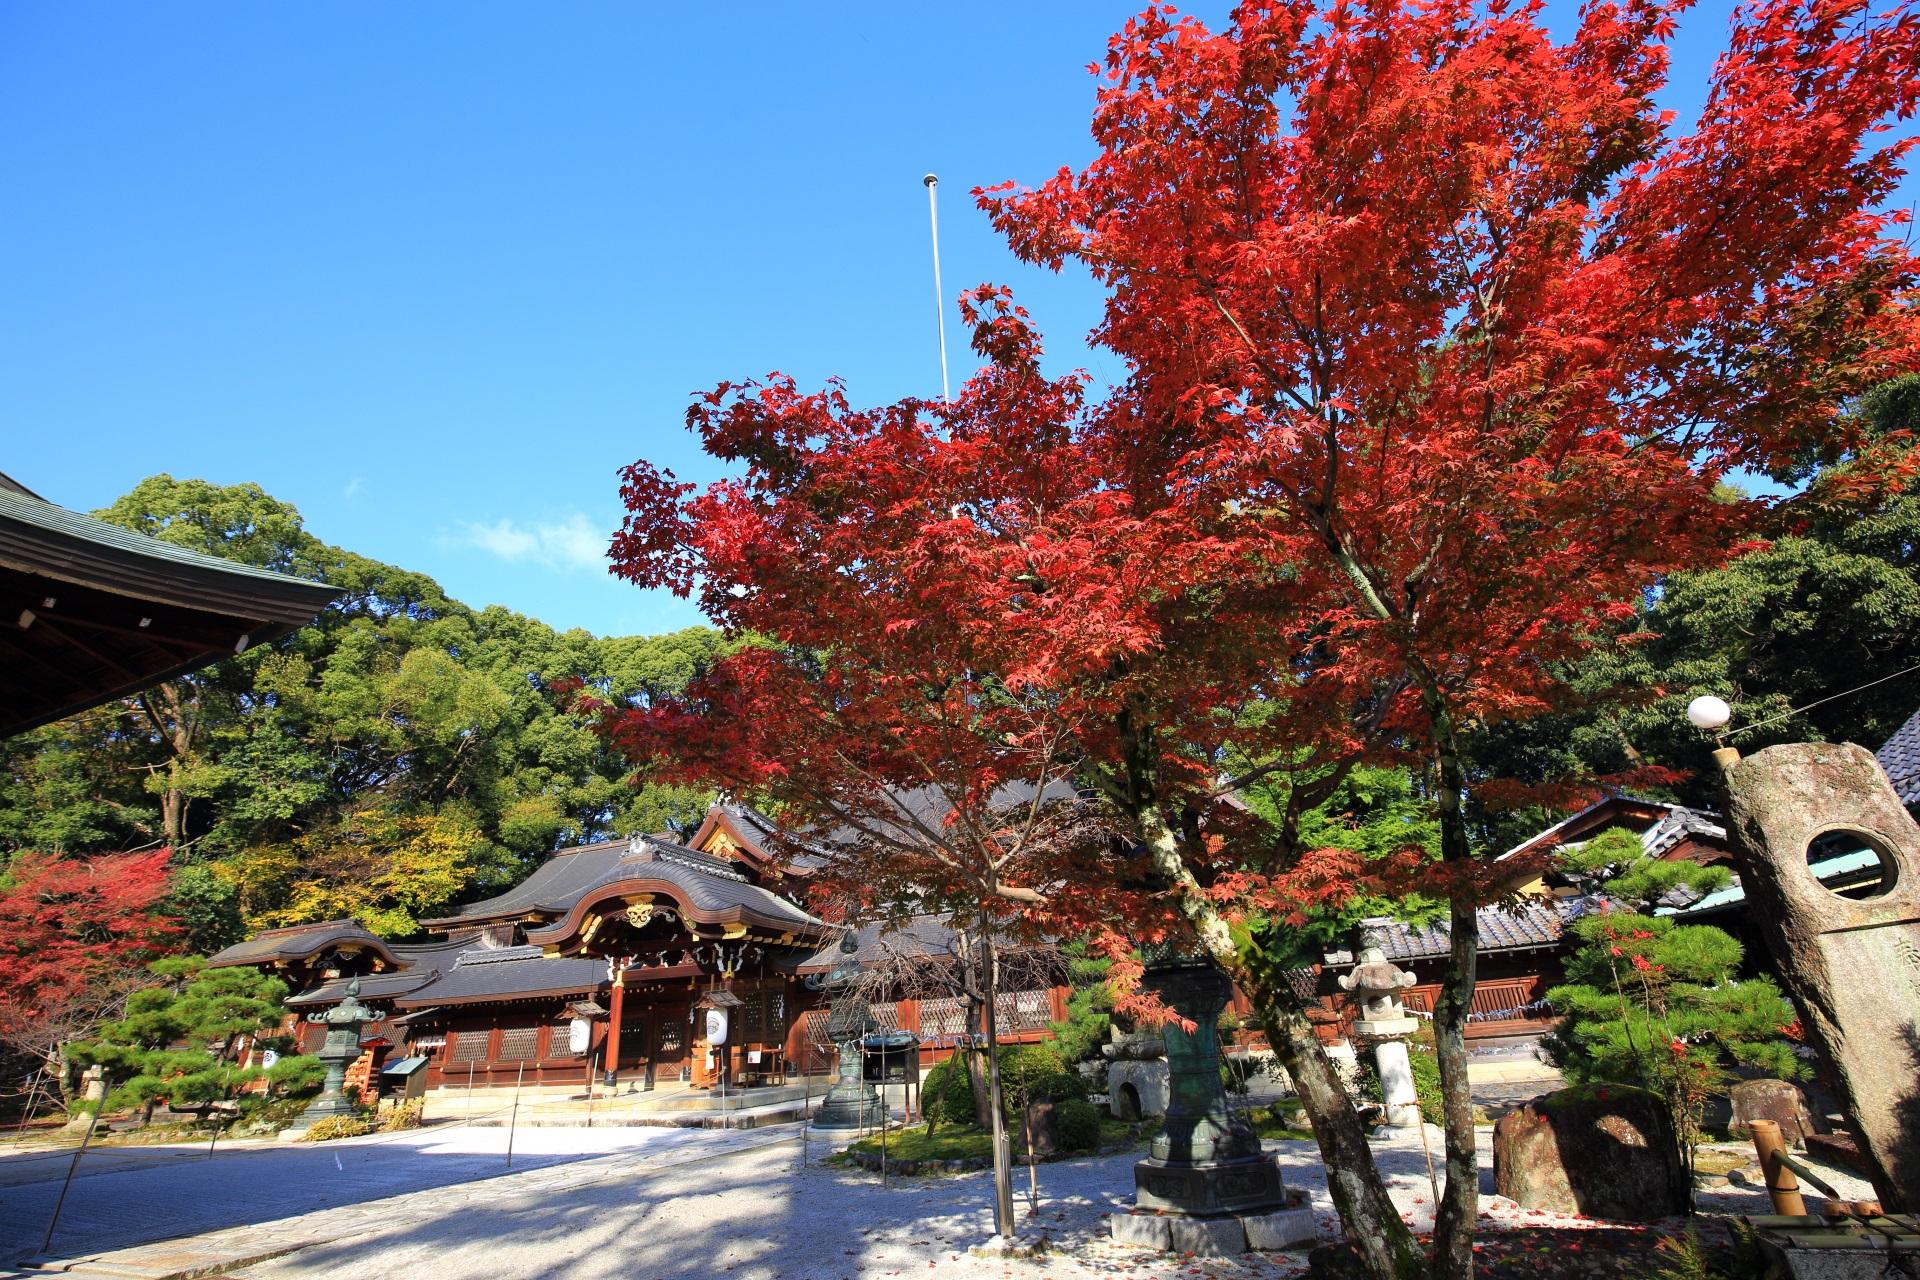 今宮神社の本殿と青空に映える鮮やかな紅葉